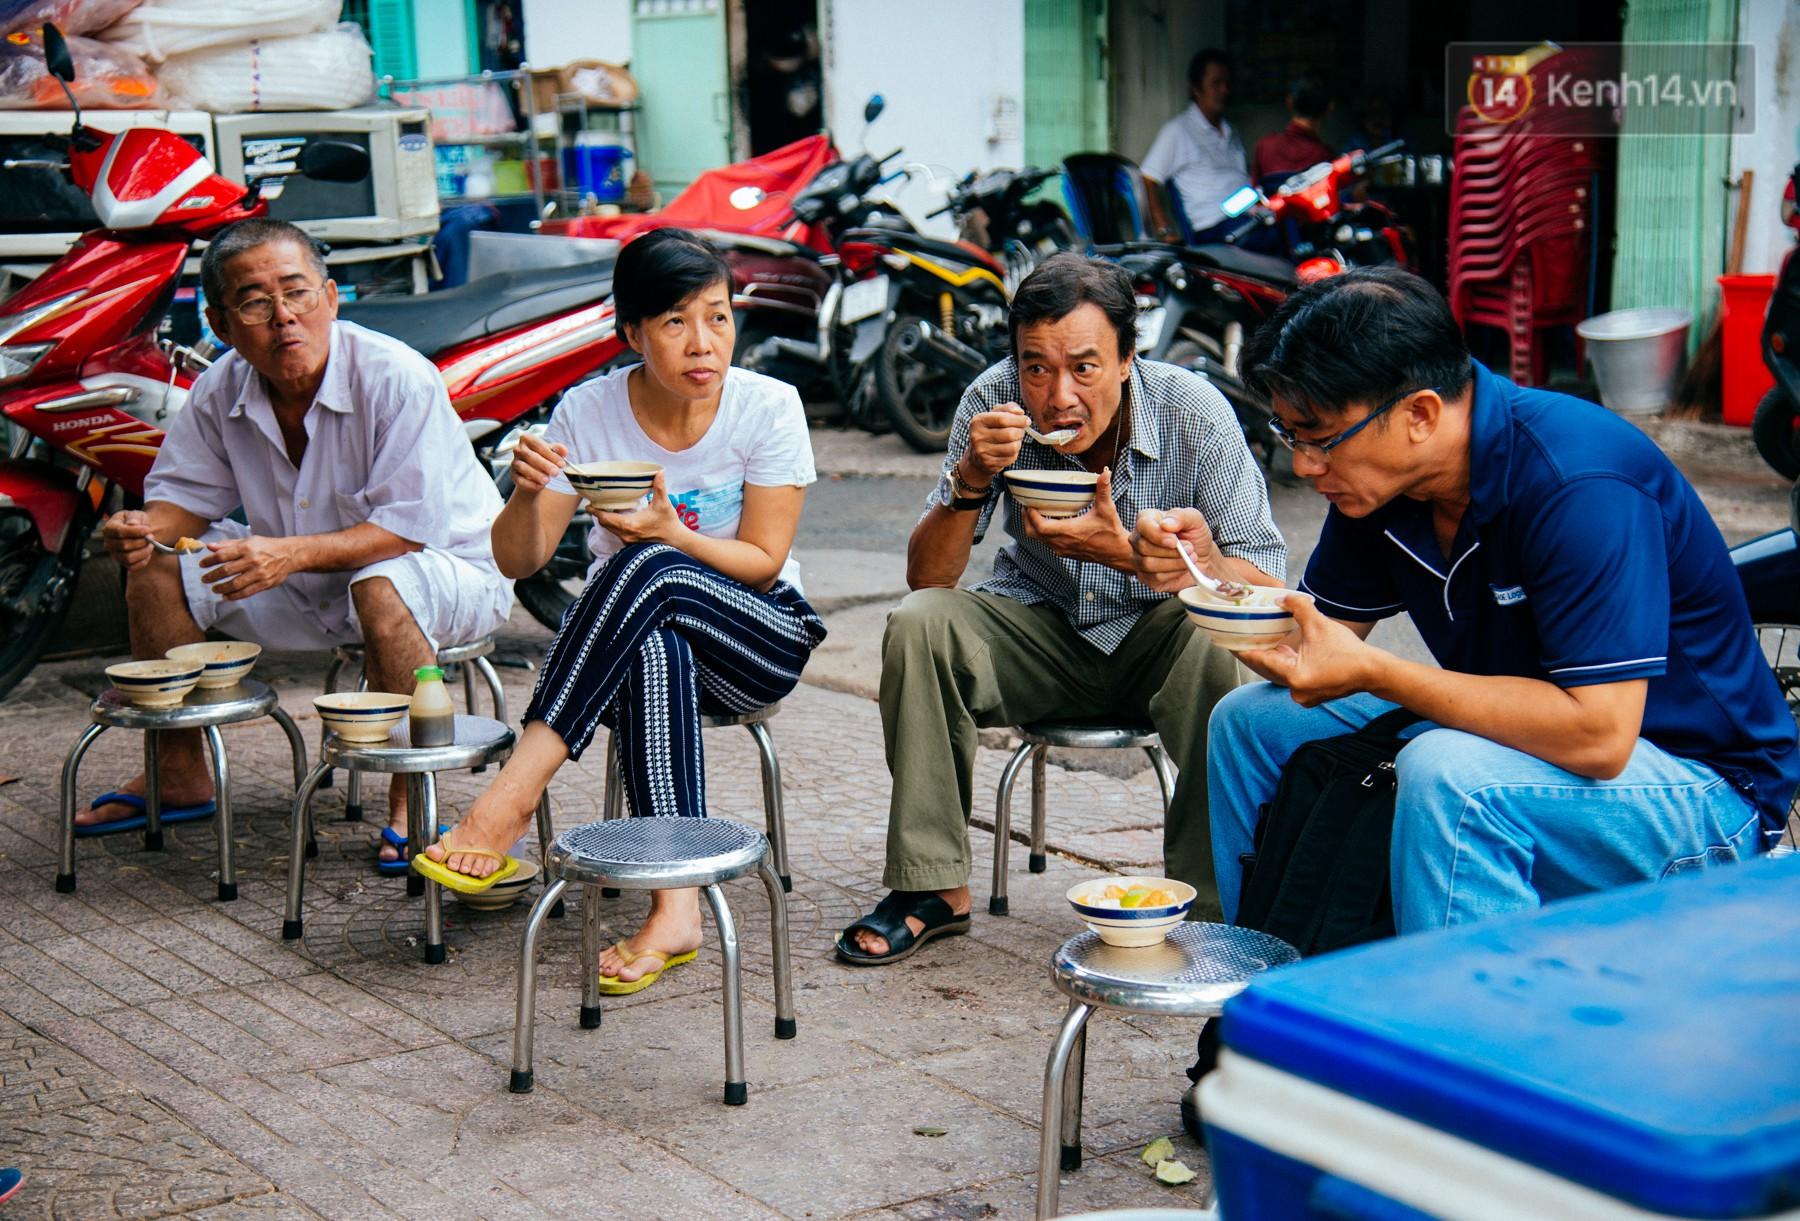 Quán cháo hào sảng giá 5.000 đồng/ tô của cô Tư Sài Gòn: Nhà Tư không nợ nần gì, bán vầy là sống thoải mái rồi! - Ảnh 8.